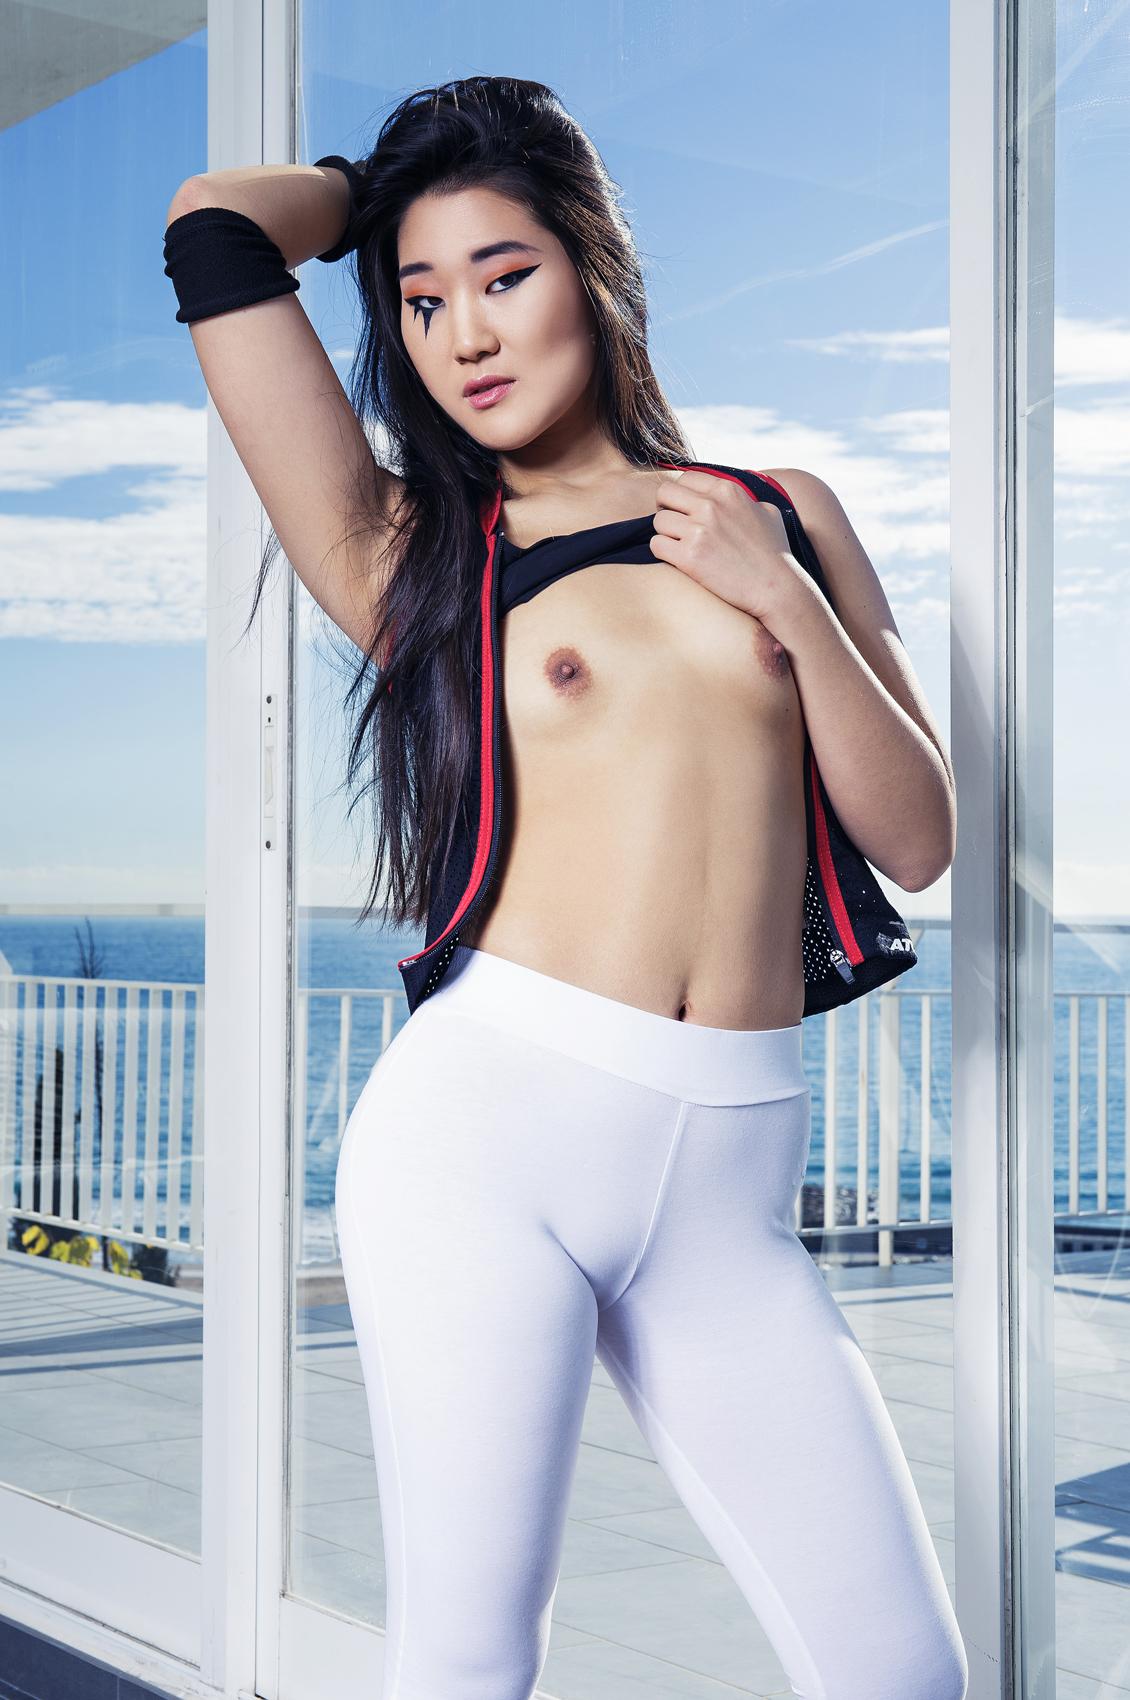 Помощница тети порно #5